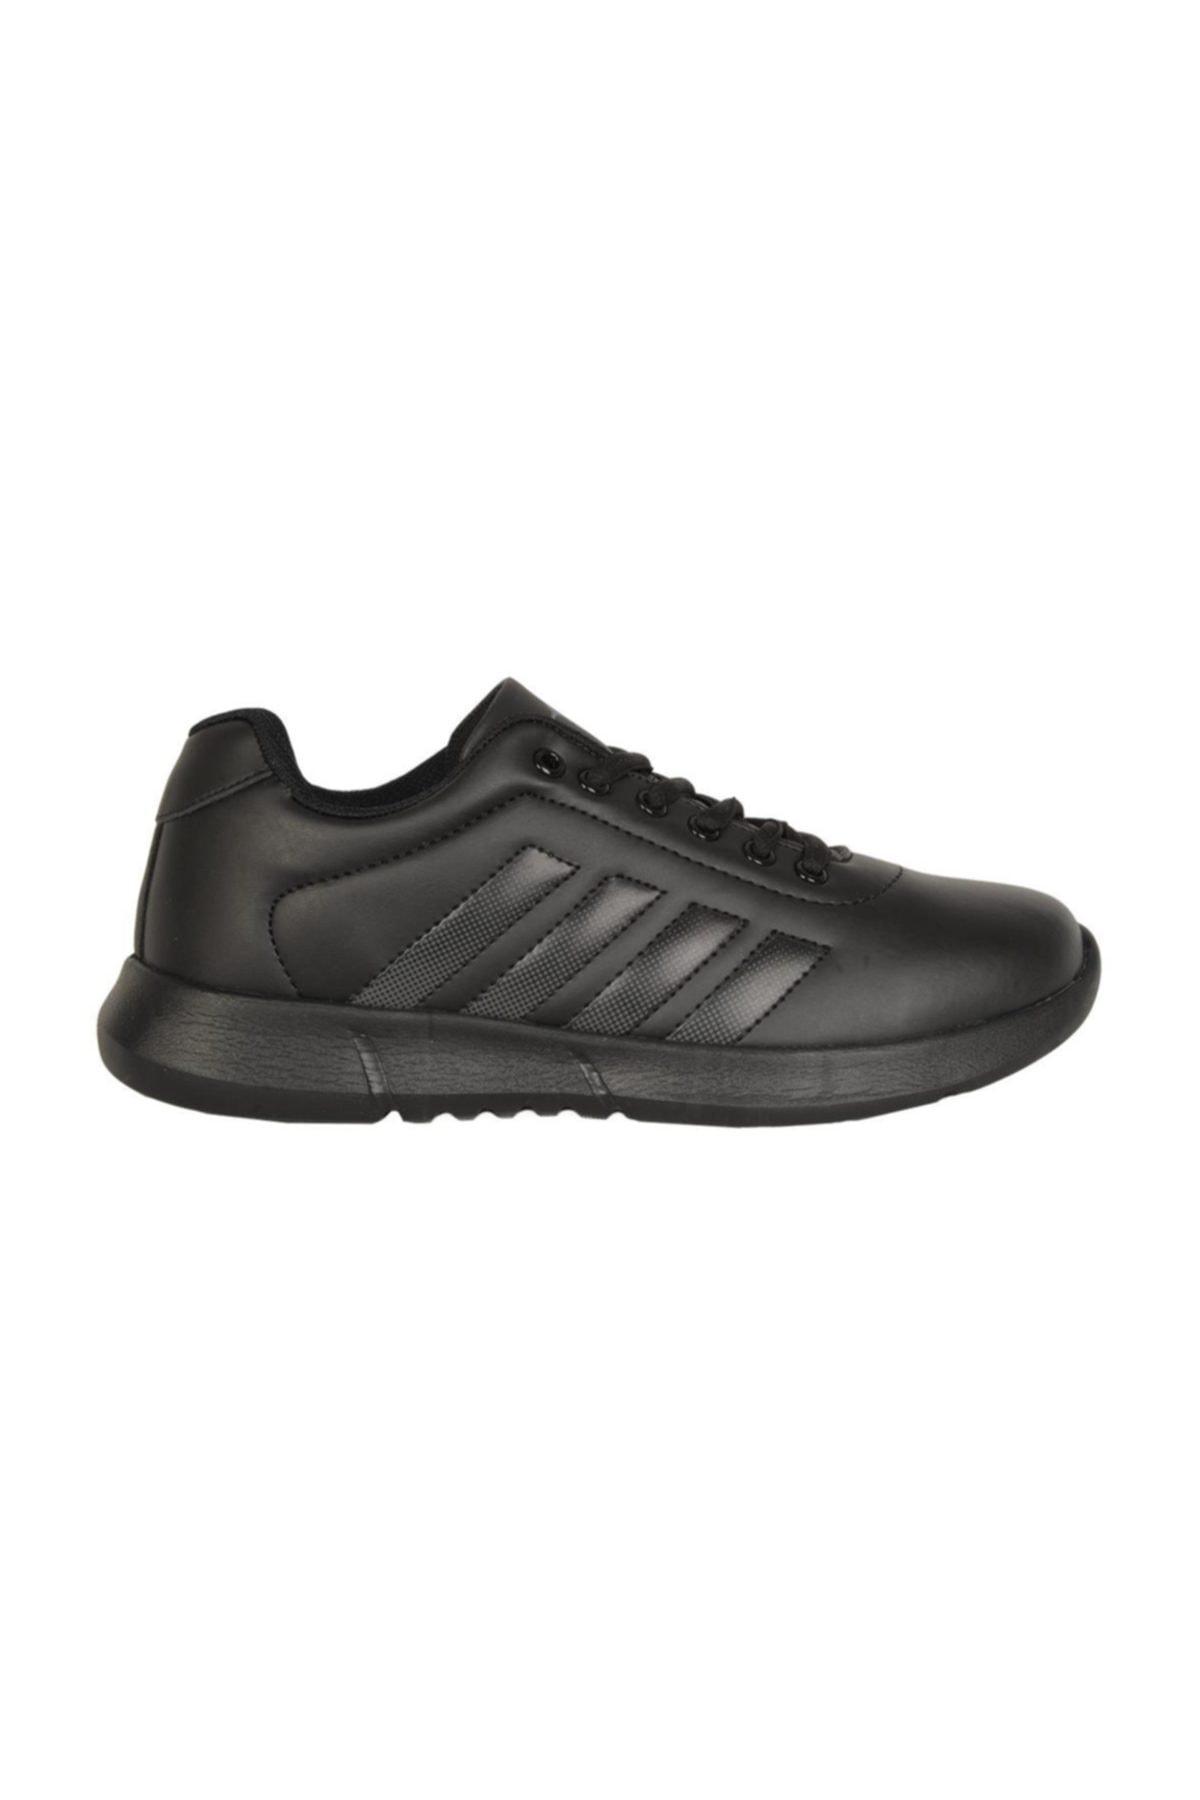 Cheta Siyah Günlük Yürüyüş Bayan Spor Ayakkabı C047 1